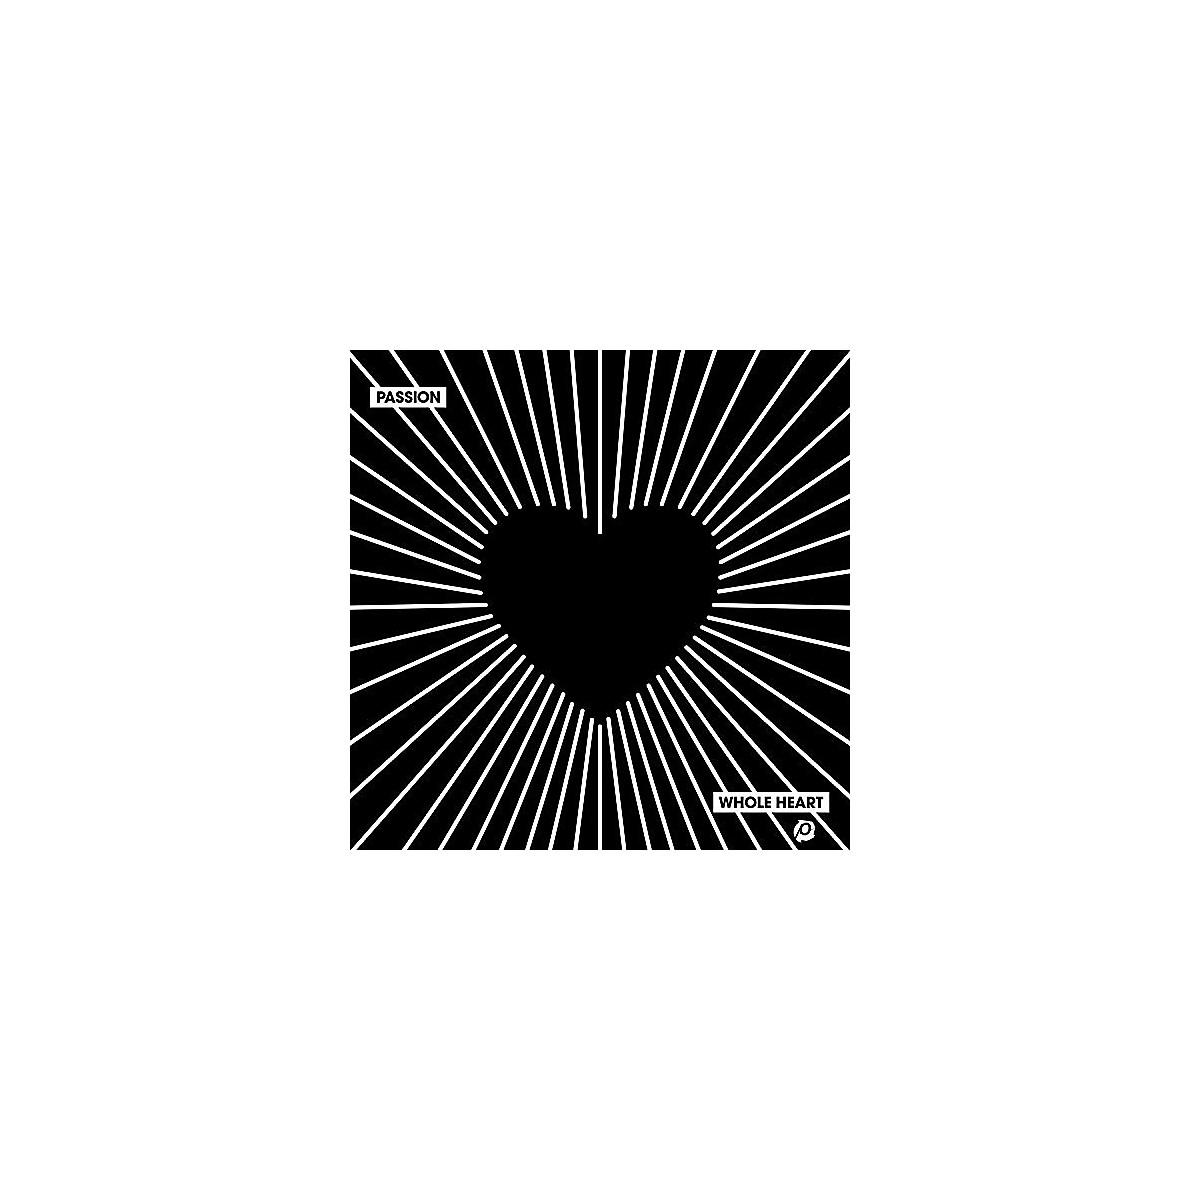 Alliance Passion - Whole Heart: Live in Atlanta GA 2018